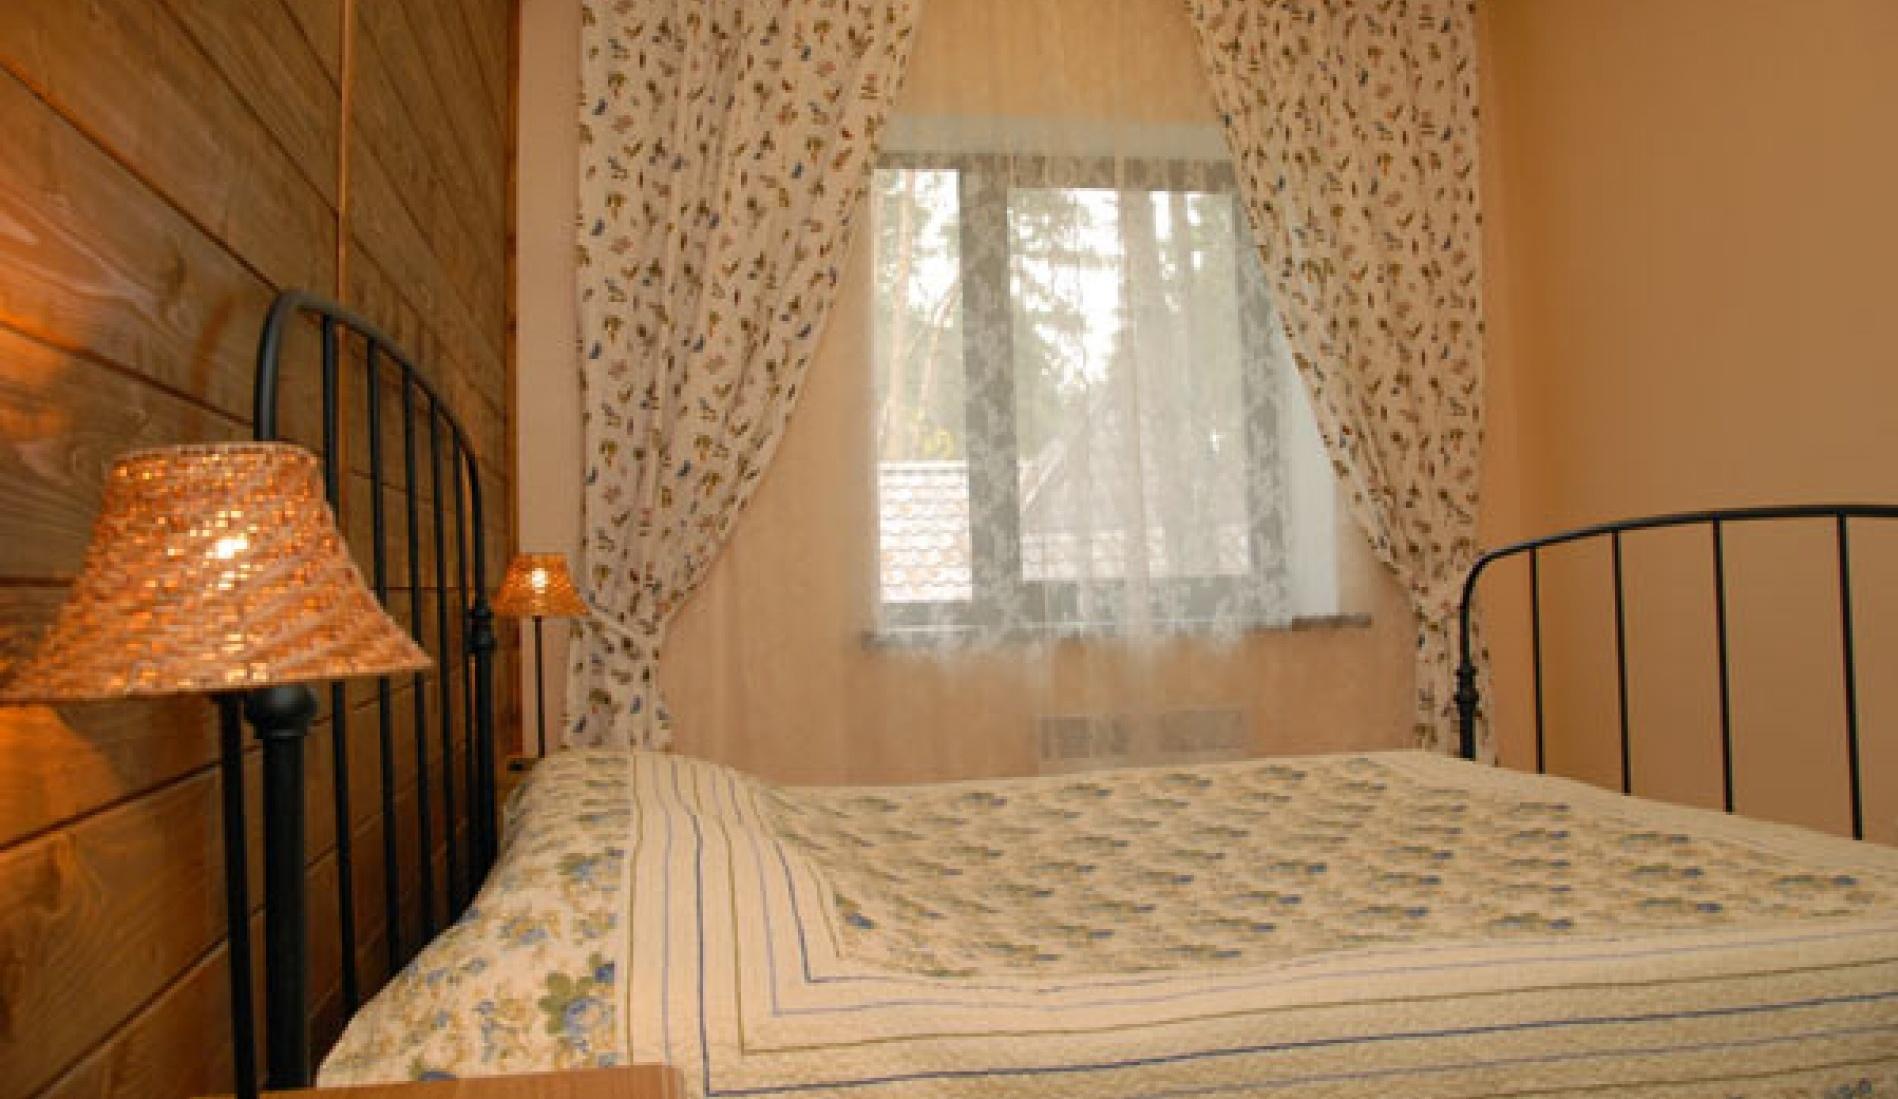 Гостиничный комплекс «Две реки» Белгородская область Номер 4-местный в корпусе «Медовый», фото 1